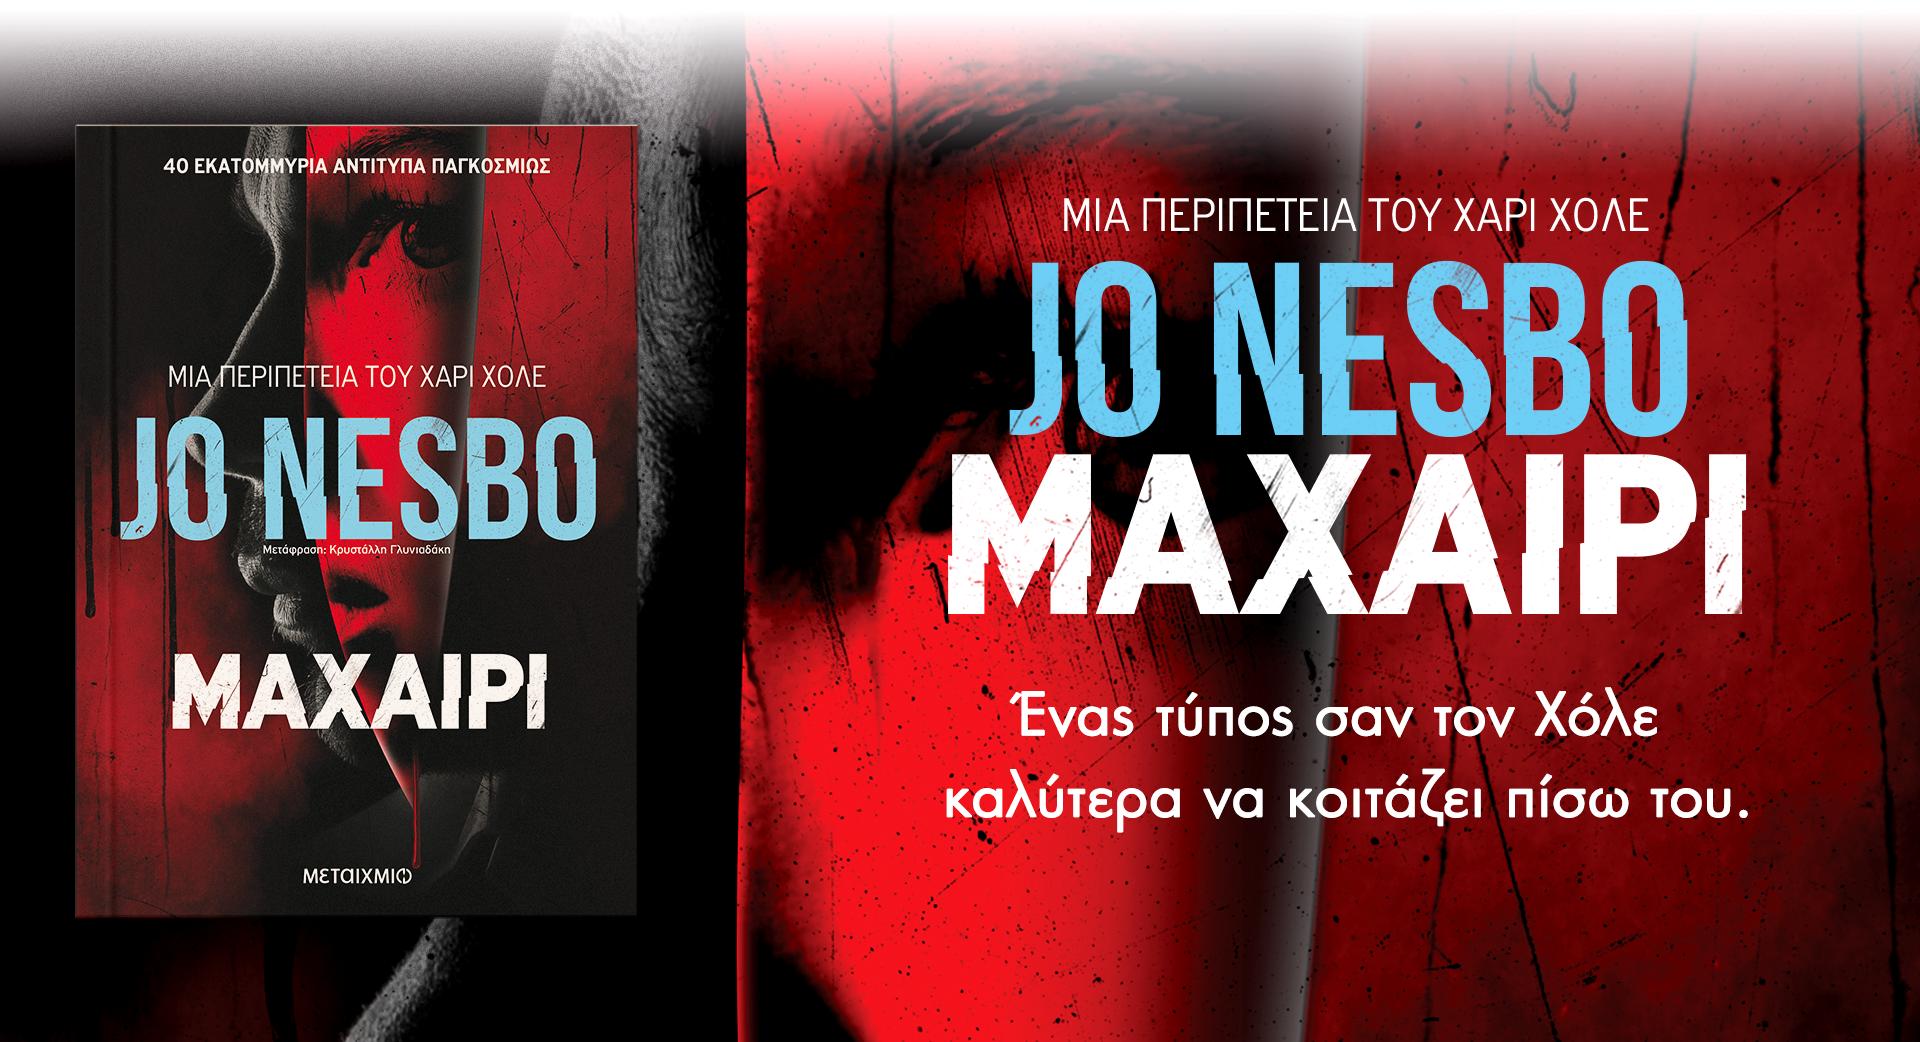 Maxairi nesbo 1920x1042